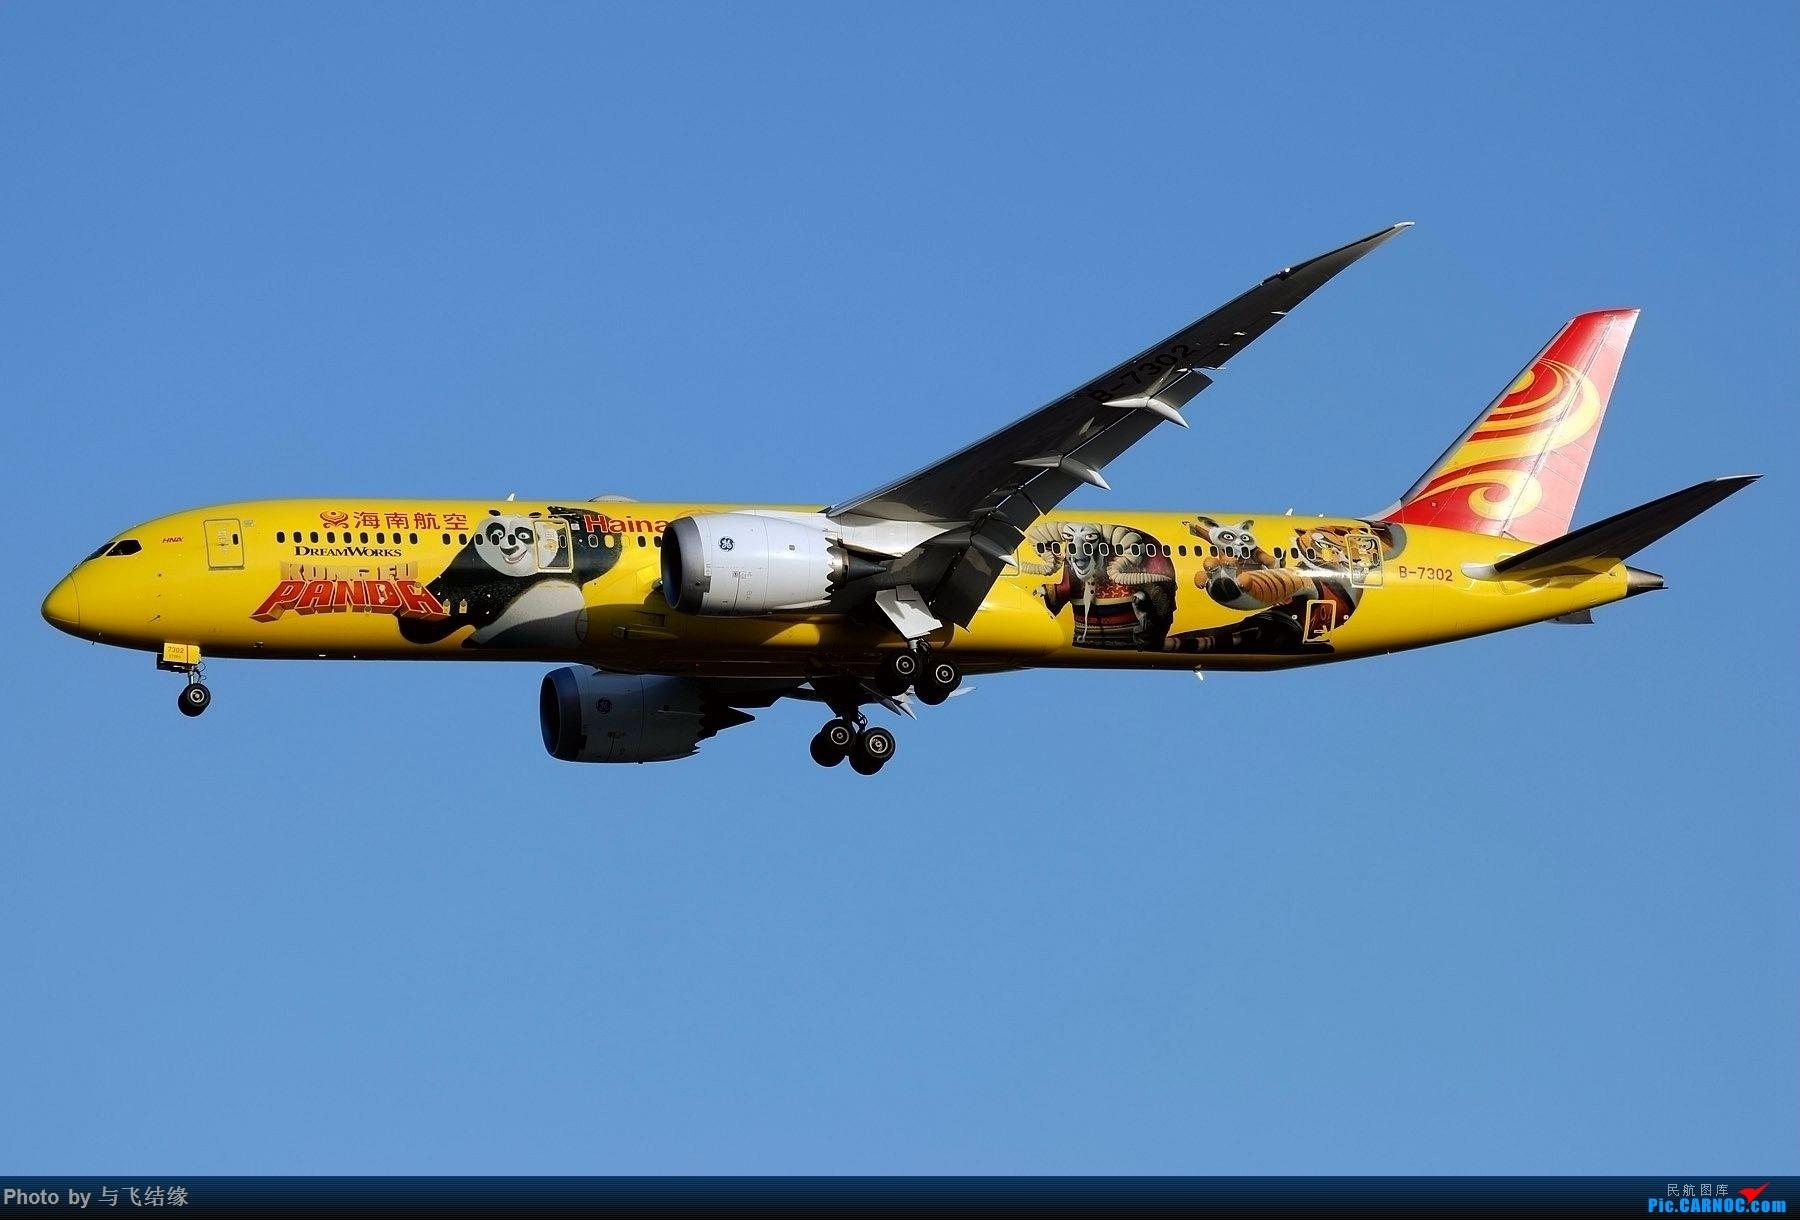 Re:[原创]今日是周末,月末,年末2018年最后一贴,预祝朋友们2019年新年快乐!万事如意! BOEING 787-9 B-7302 中国北京首都国际机场